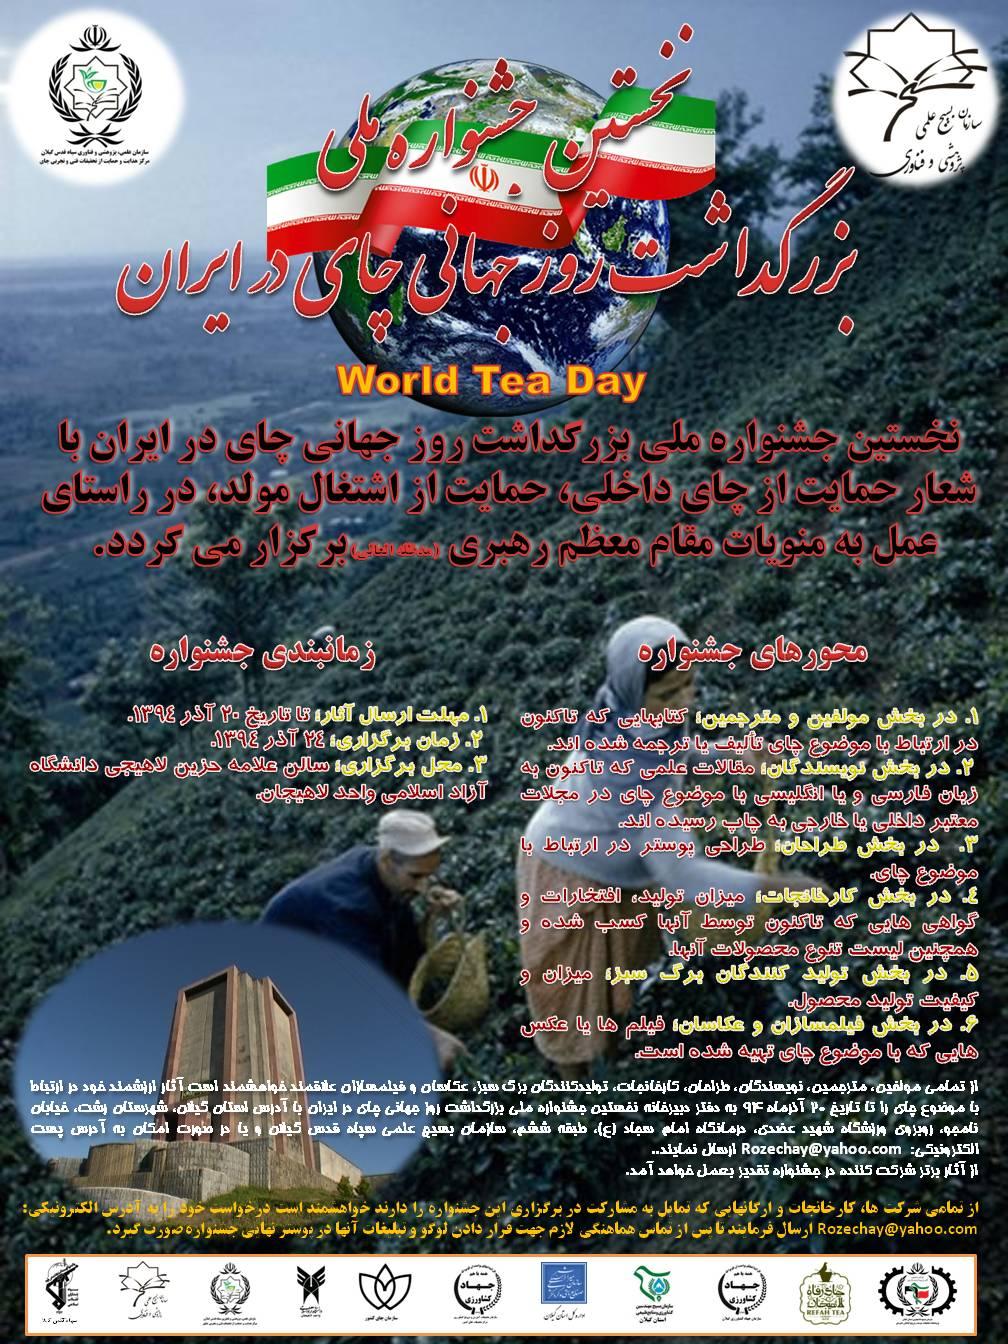 نخستین جشنواره ملی بزرگداشت روز جهانی چای در ایران